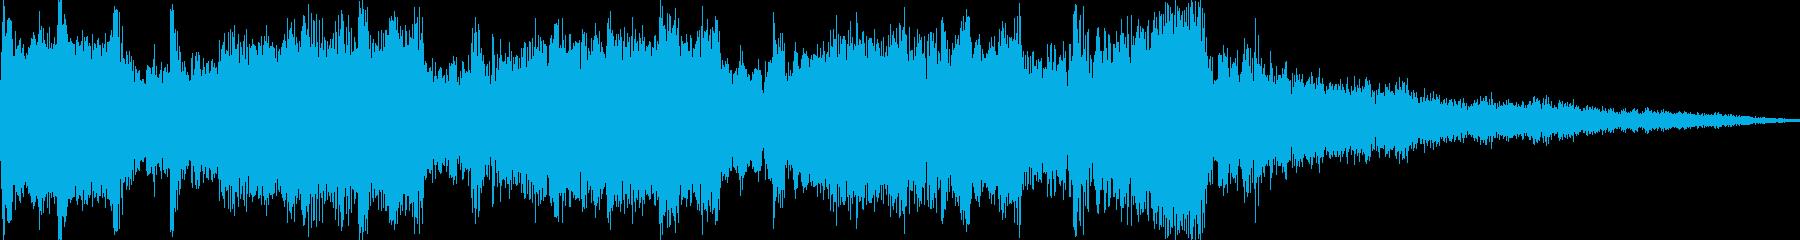 動画 ドキュメンタリーの再生済みの波形